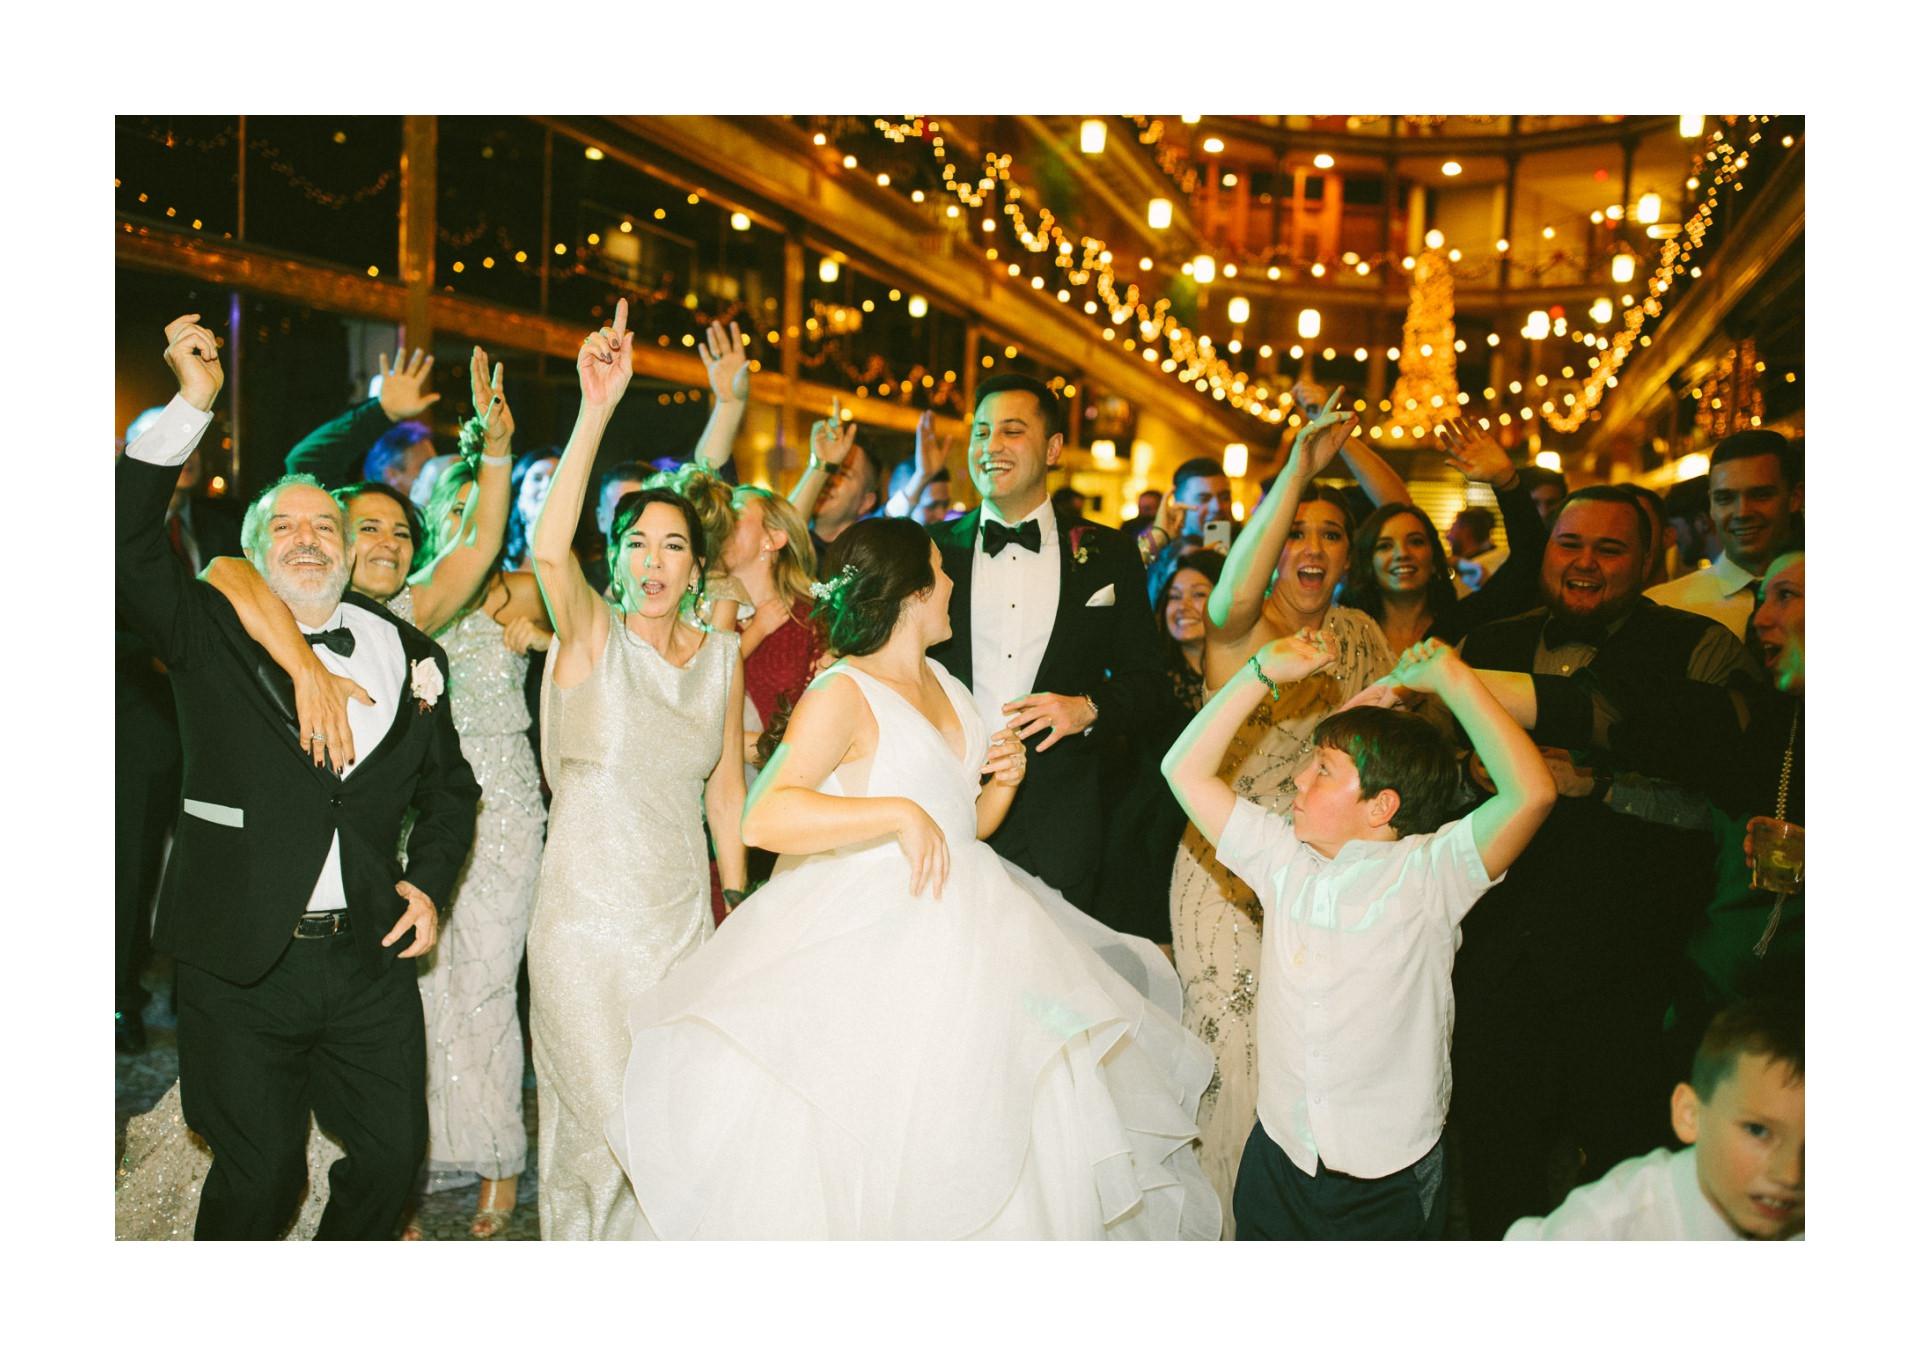 Hyatt Old Arcade Wedding Photographer in Cleveland 2 28.jpg